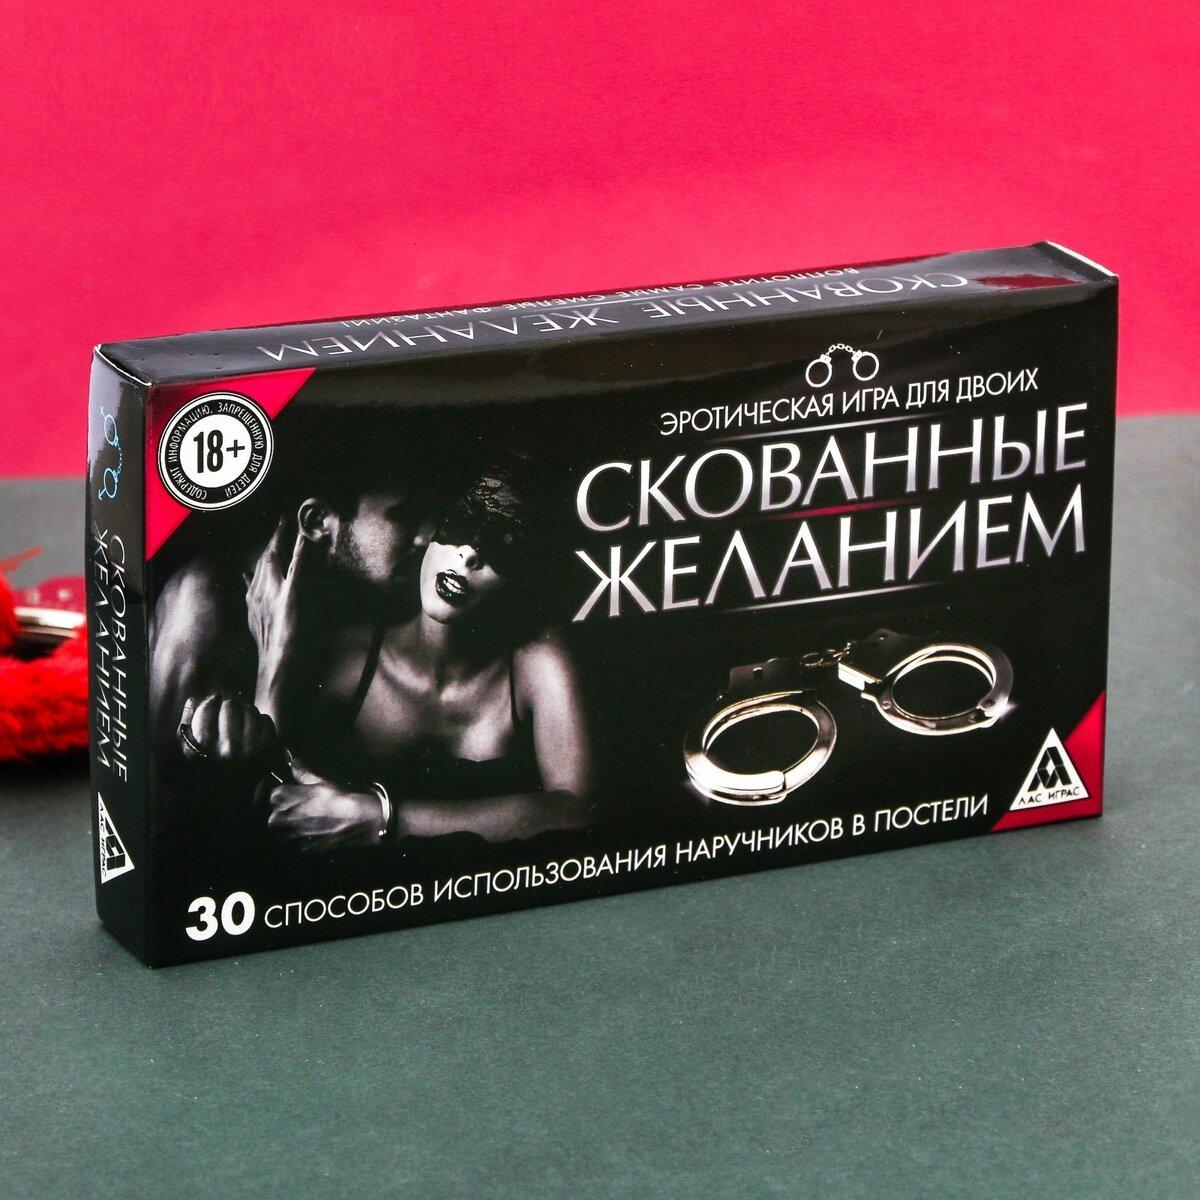 Слез эротические игры для влюбленных дома секс